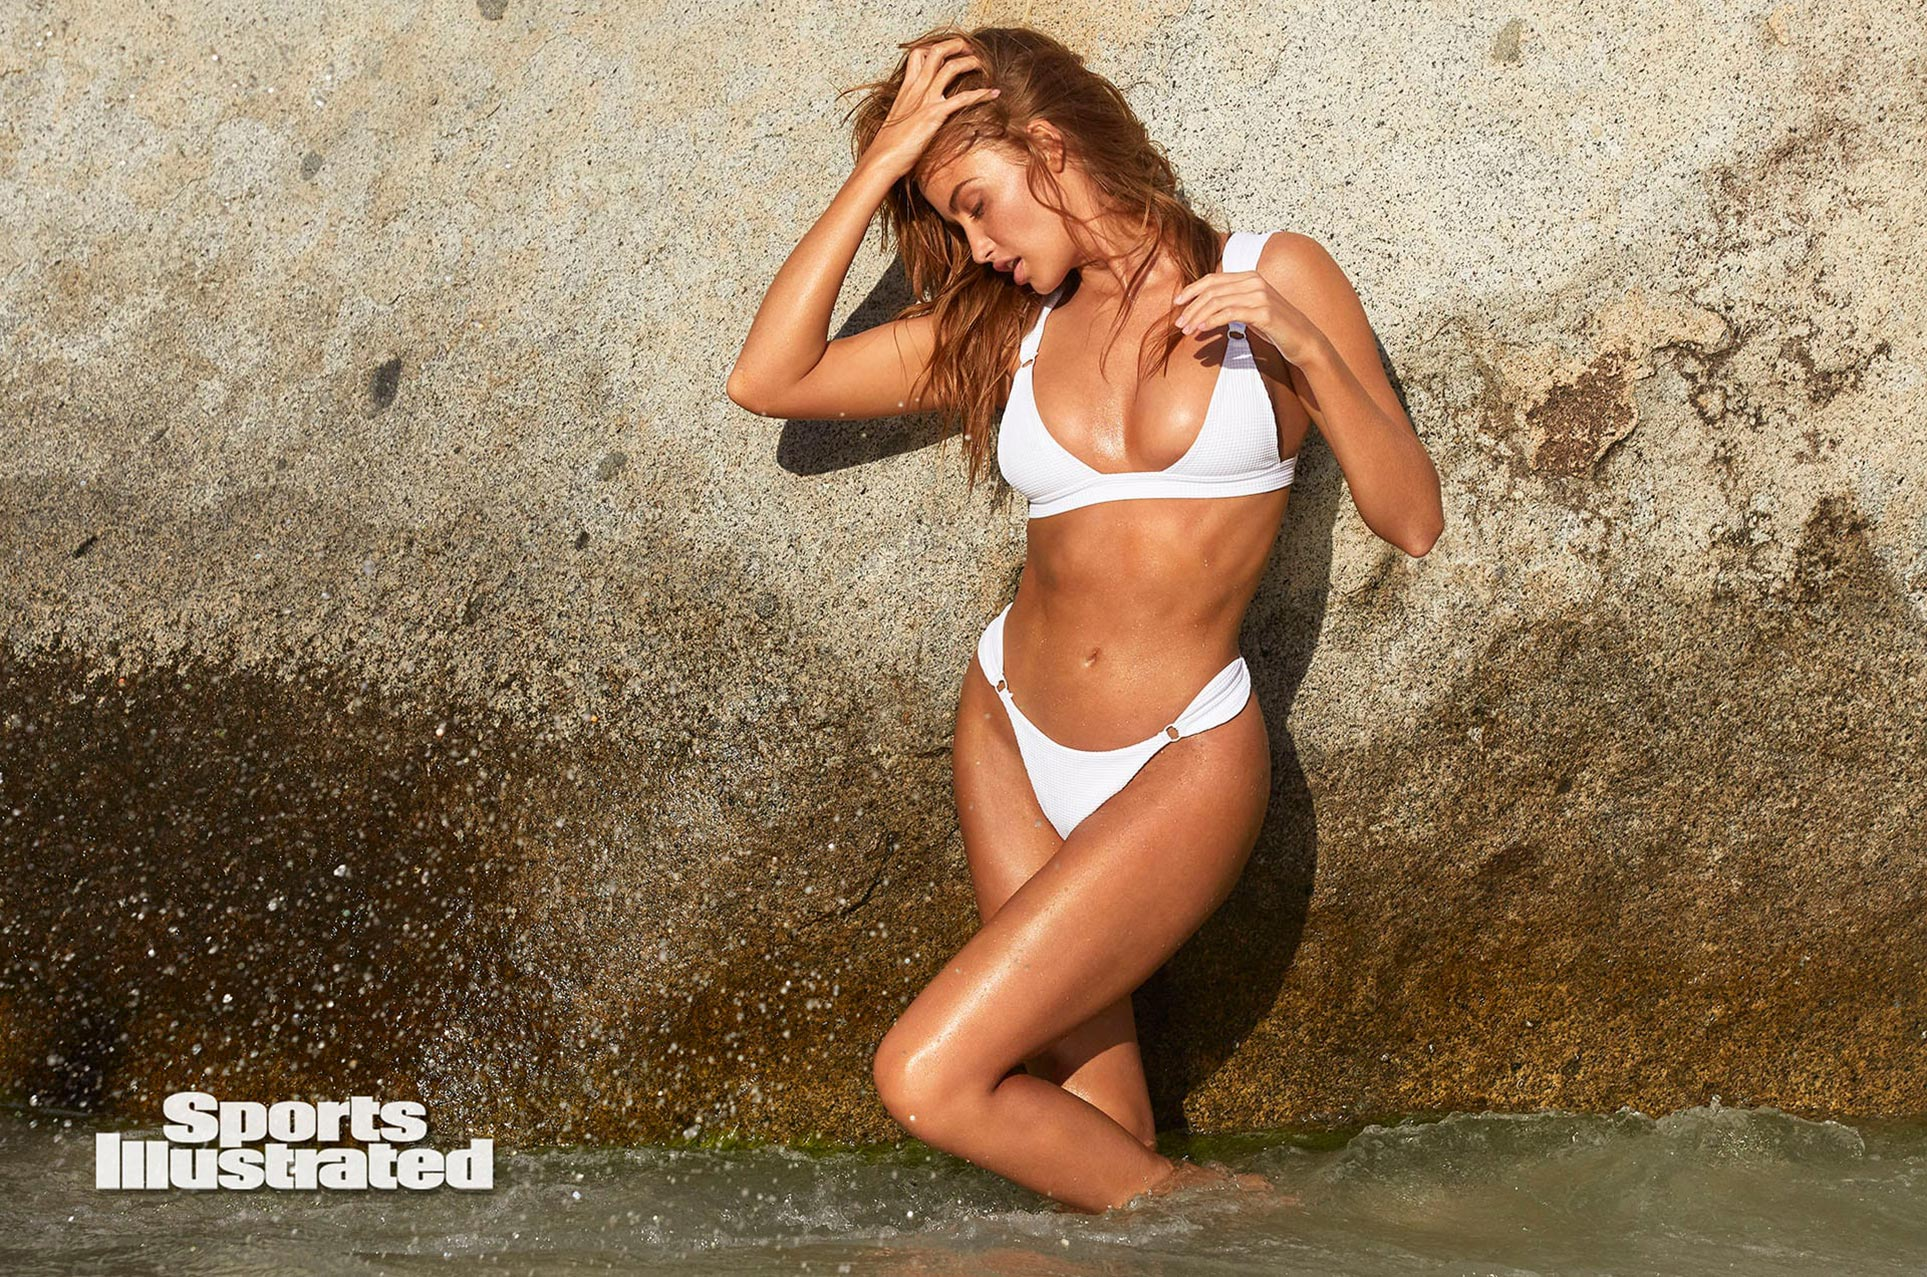 Хейли Калил в каталоге купальников Sports Illustrated Swimsuit 2020 / фото 11